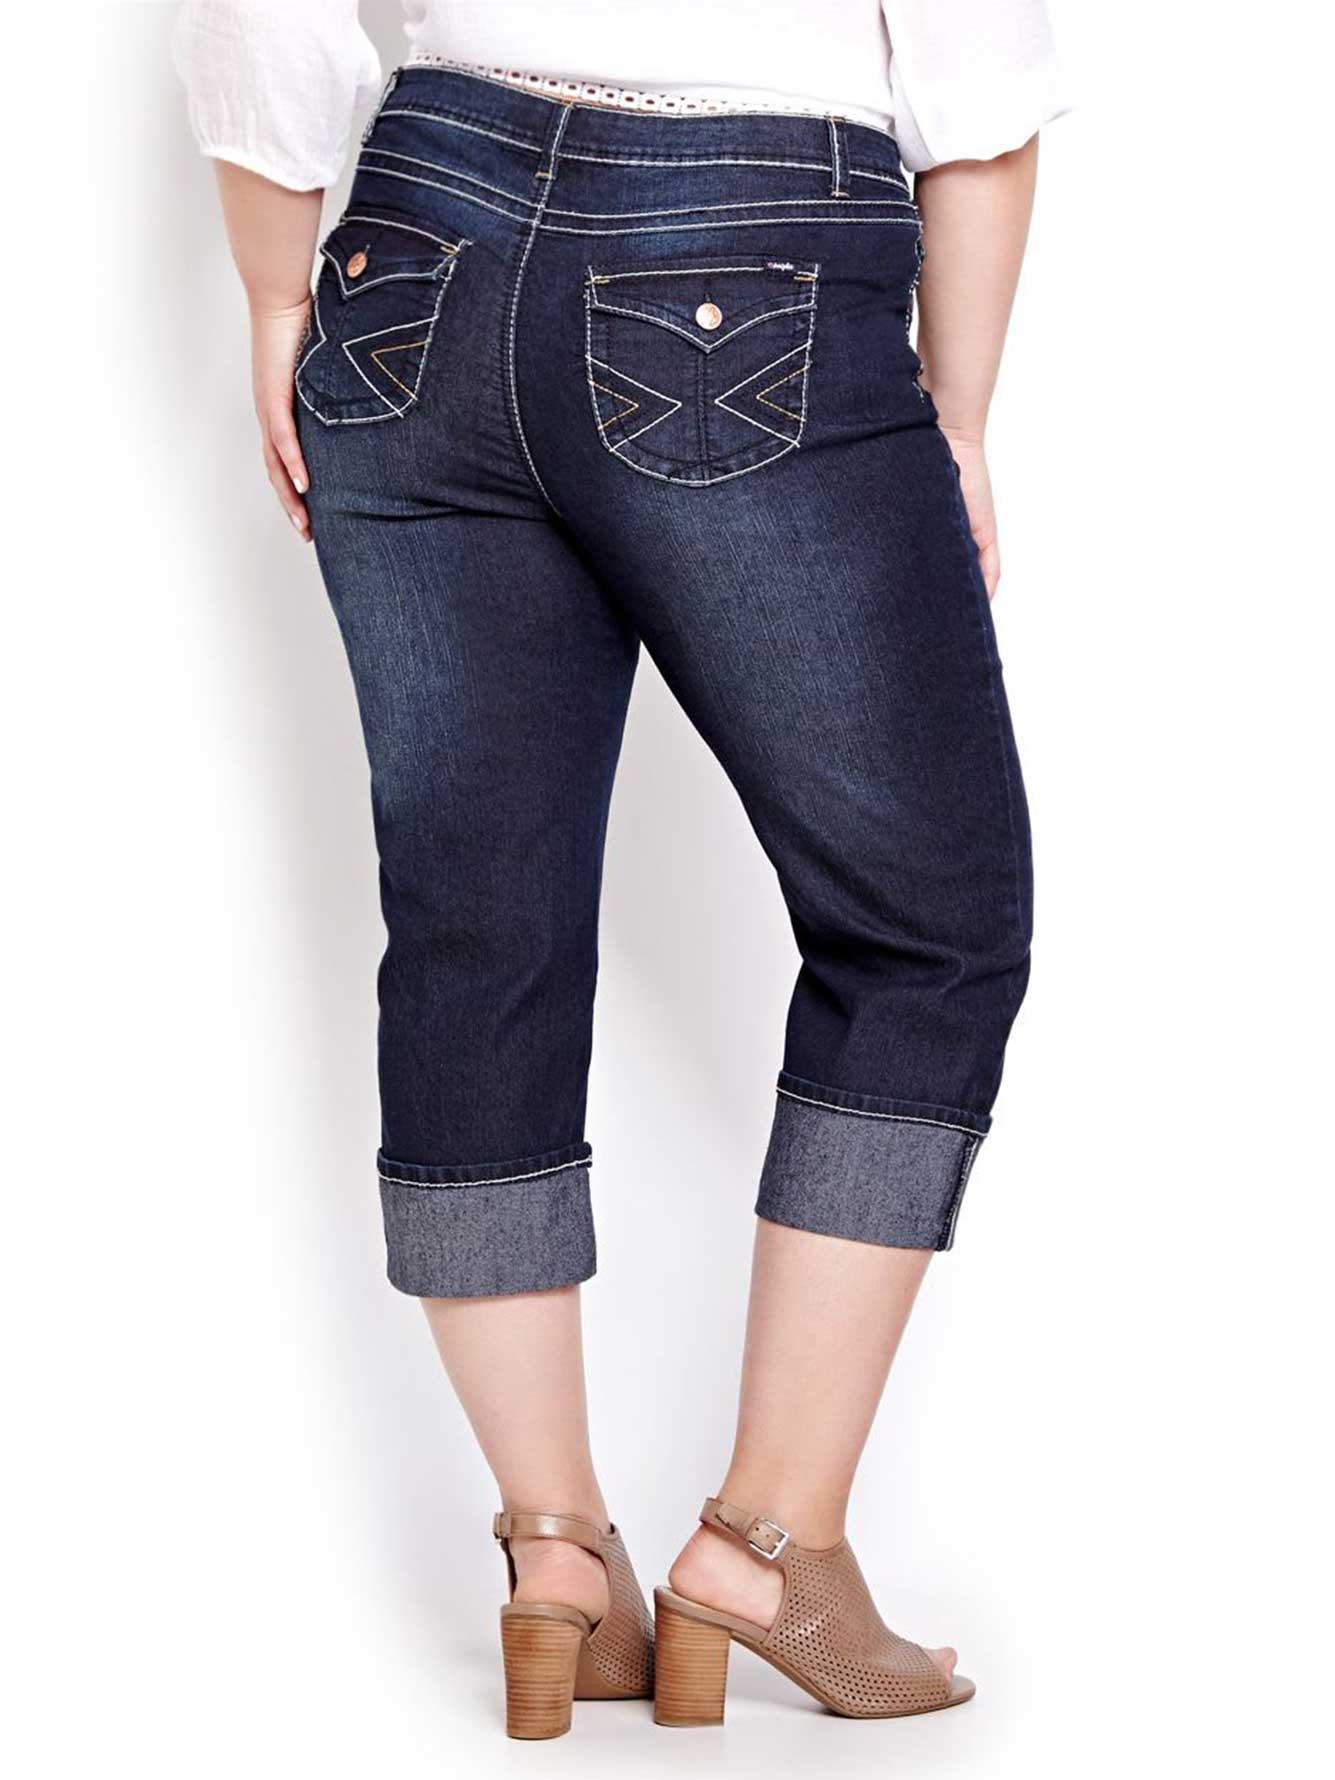 H M - Official Site Fashion bug jean capris